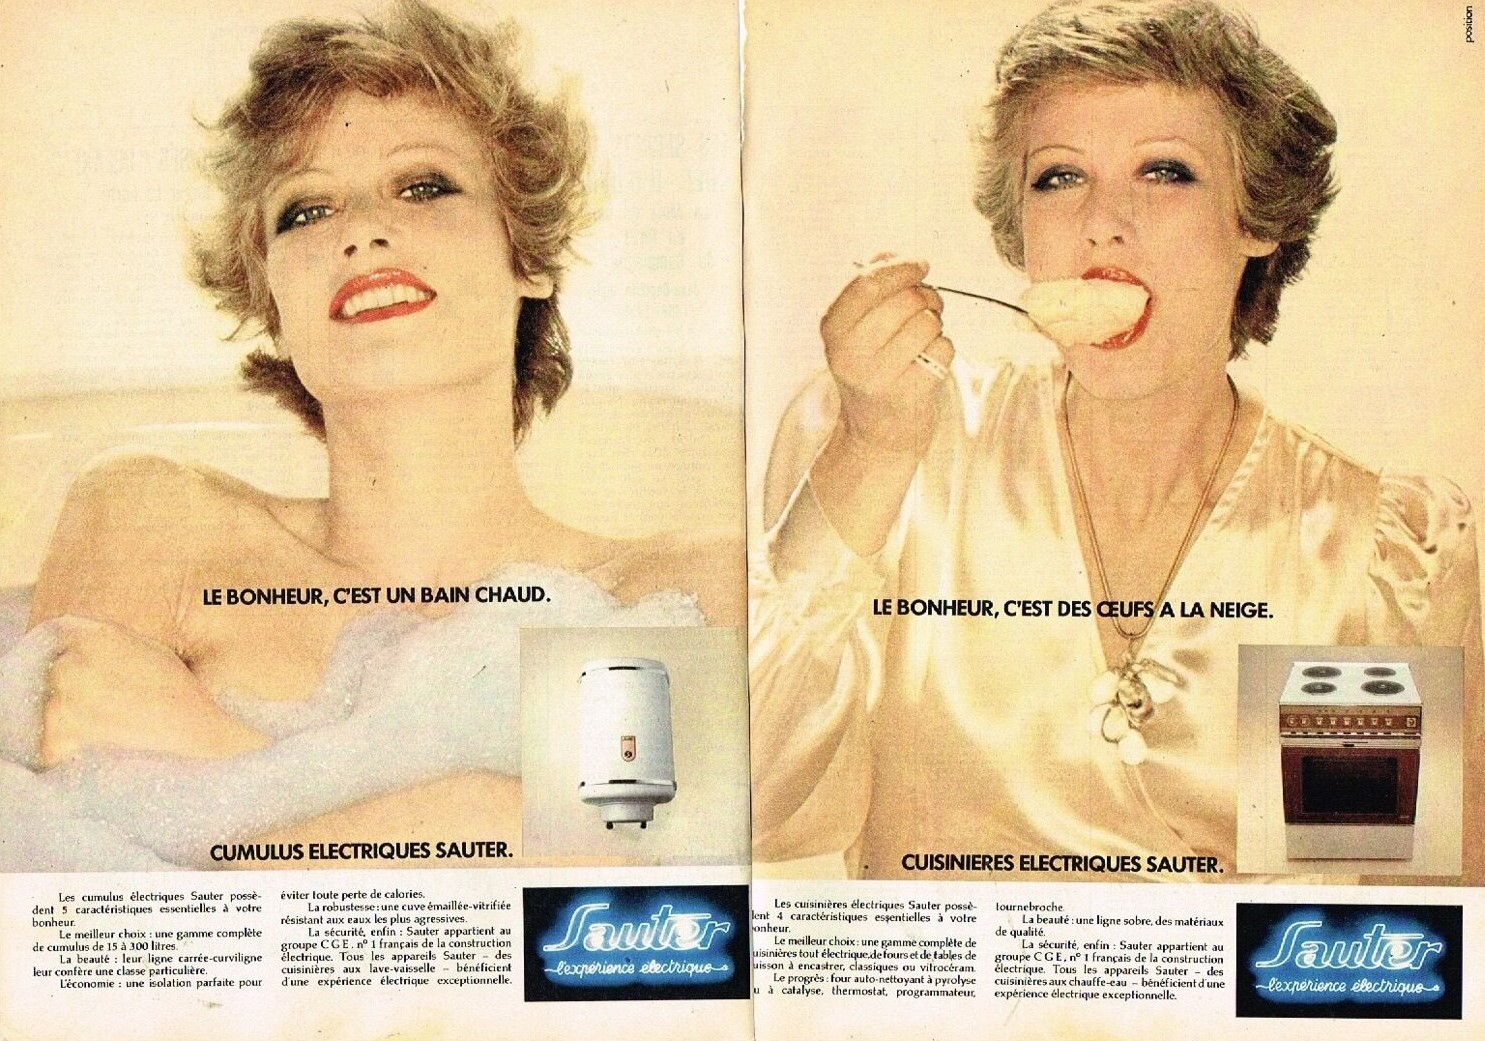 1974 Cumulus et Cuisiniere Sauter